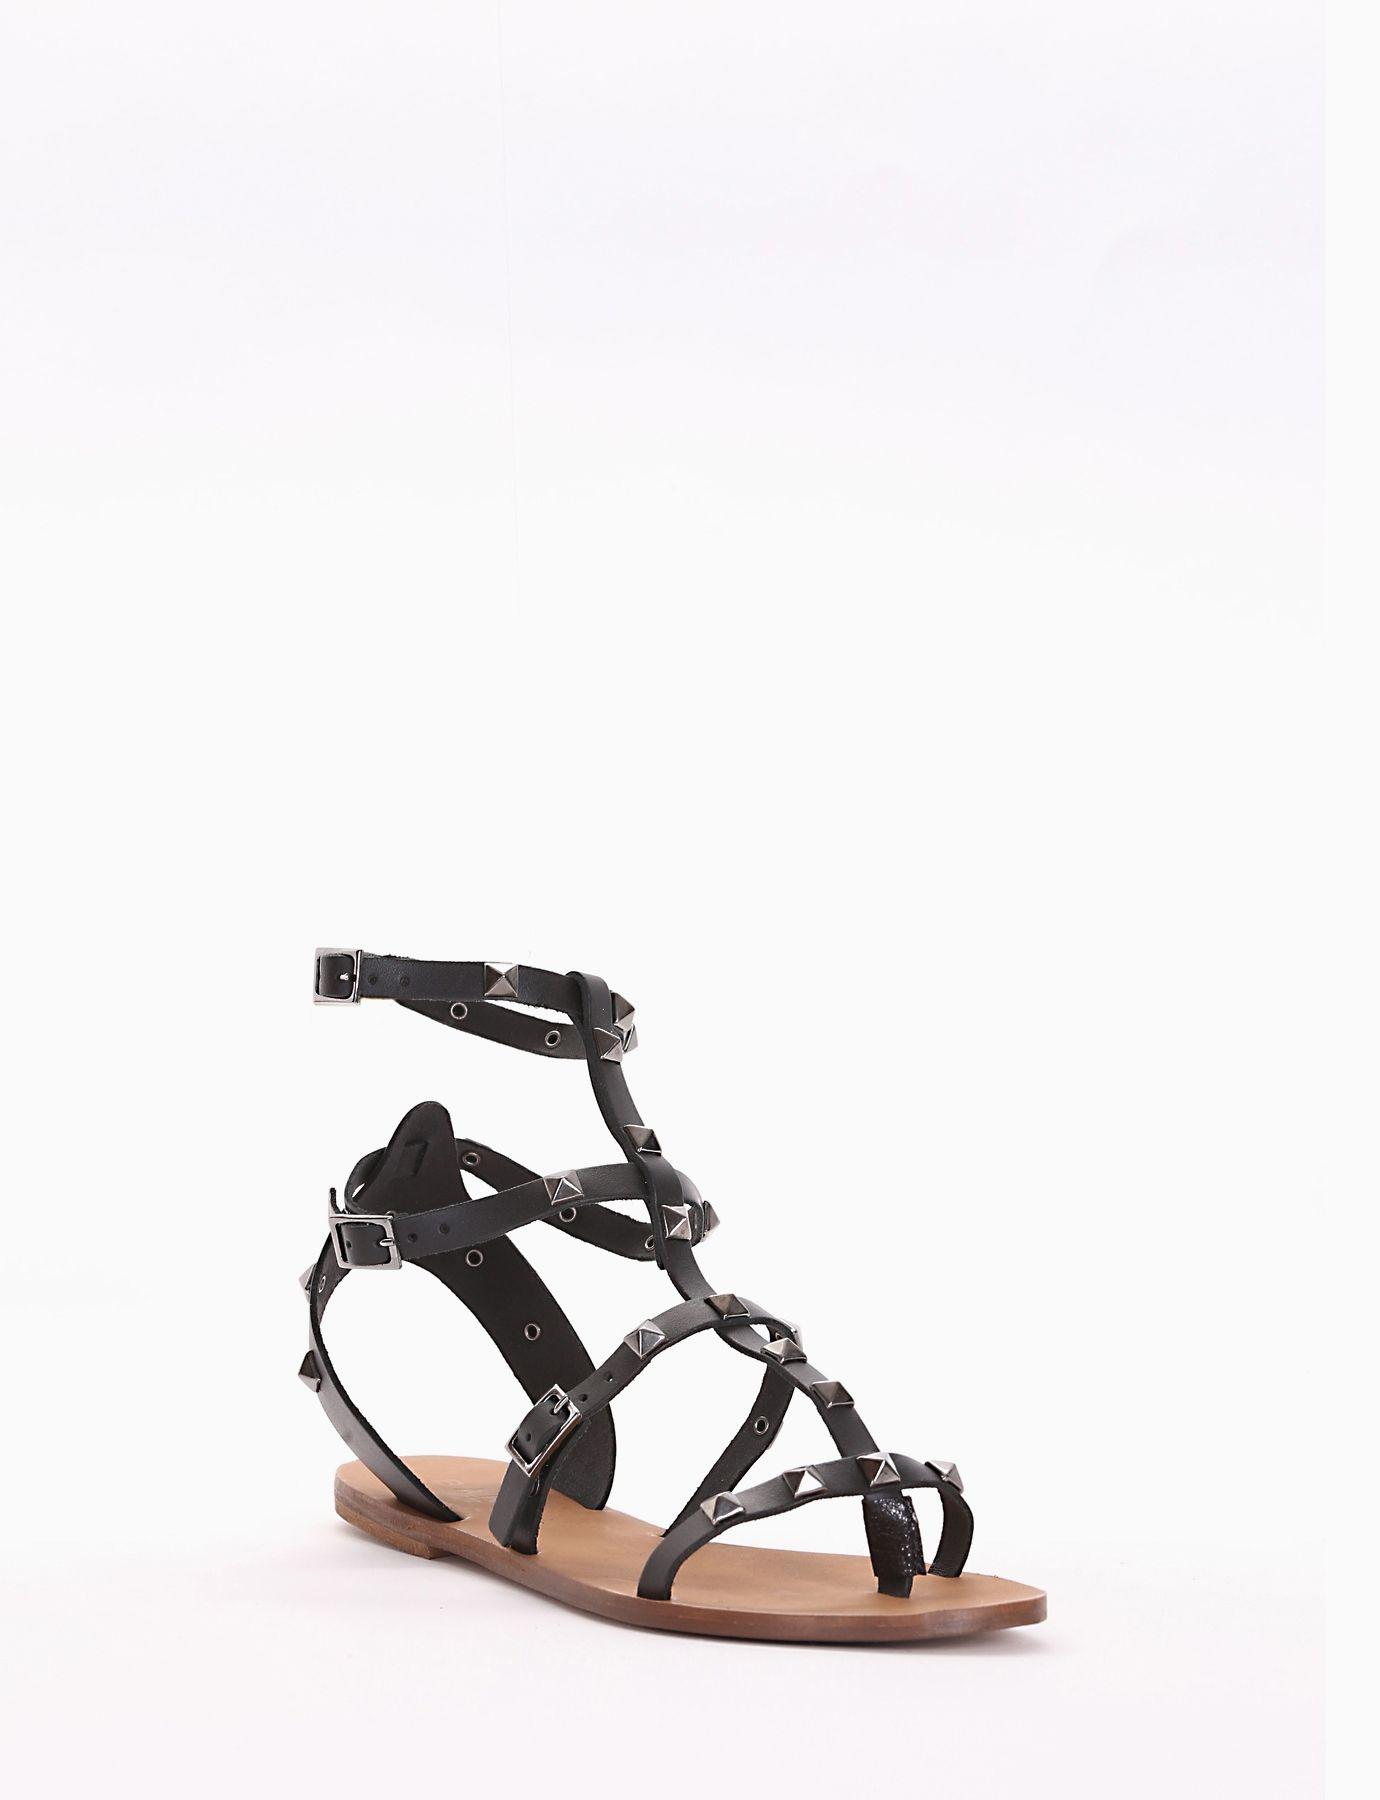 Sandalo infradito con tacco 1 cm, fondo cuoio e soletto in